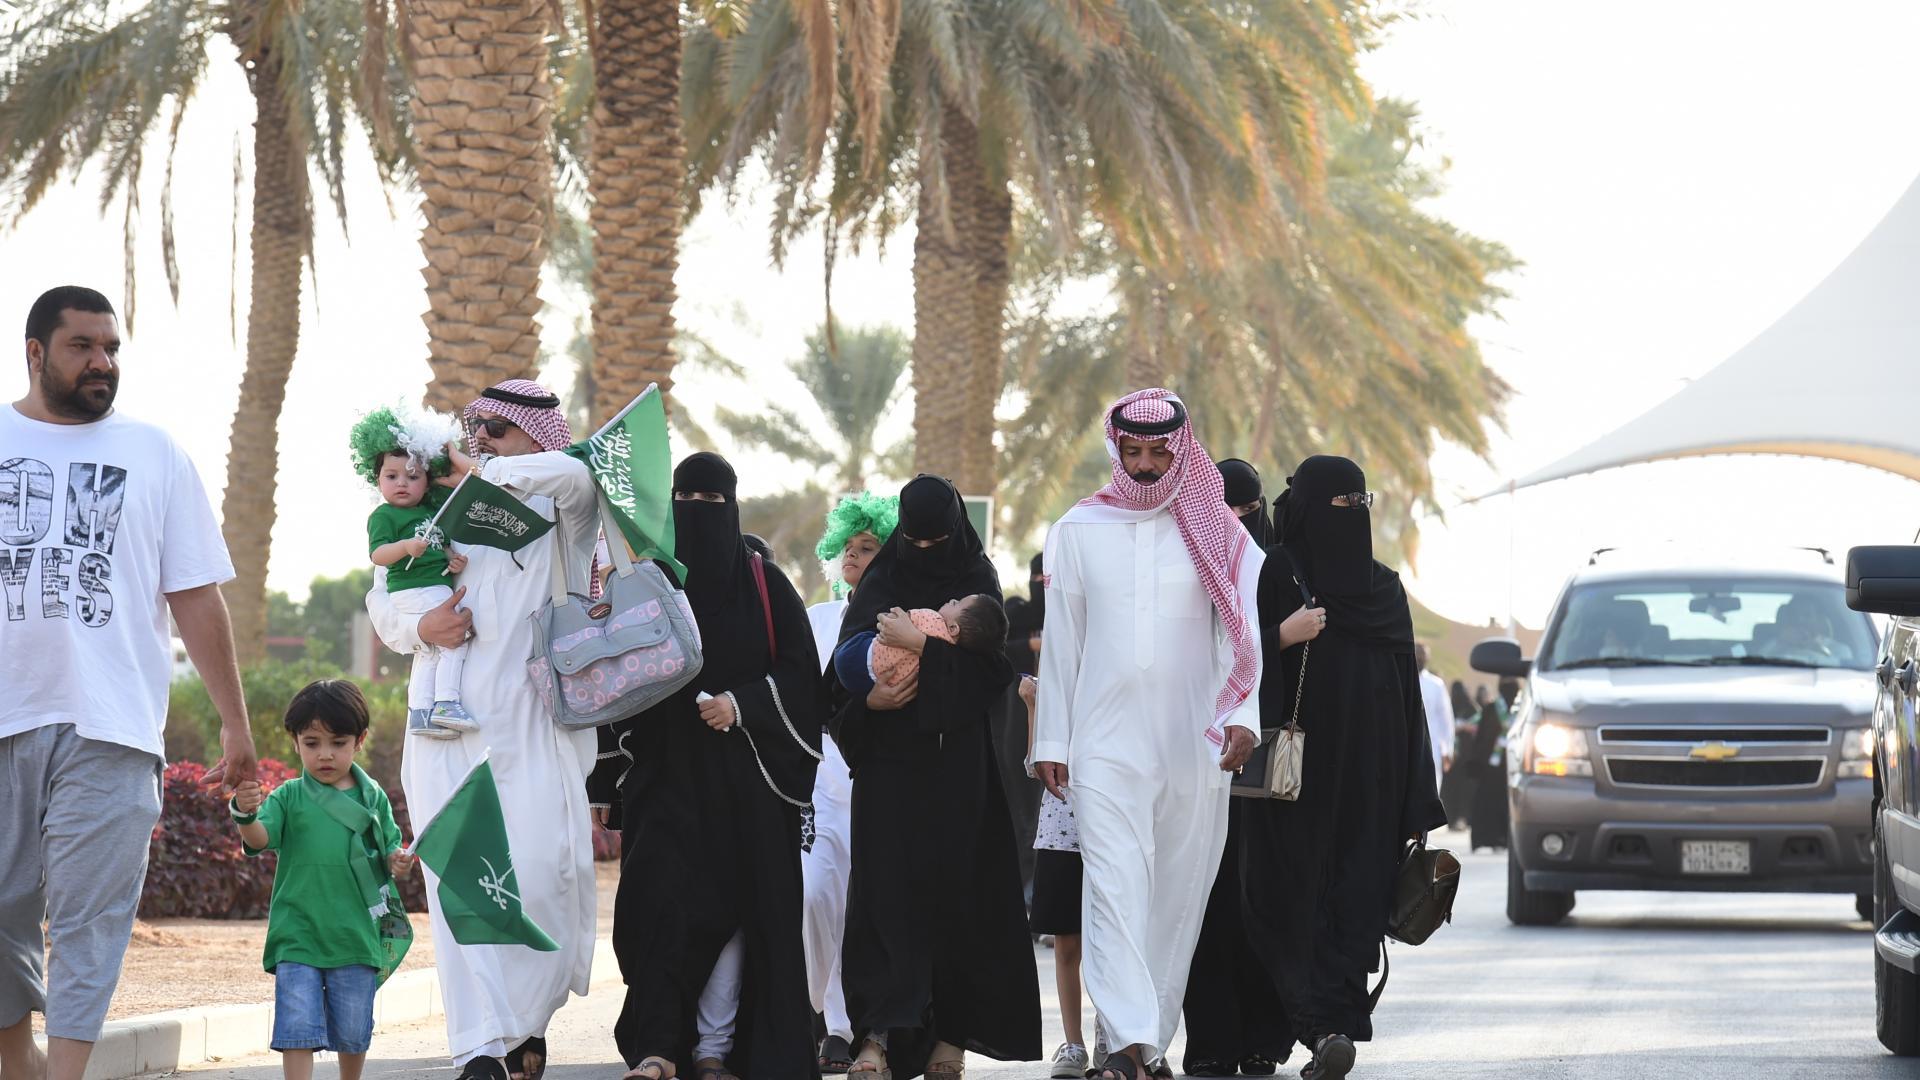 """إمام الأزهر يشعل جدلا على تويتر حول تعدد الزوجات و""""الظلم"""" الذي يقع أحيانا"""